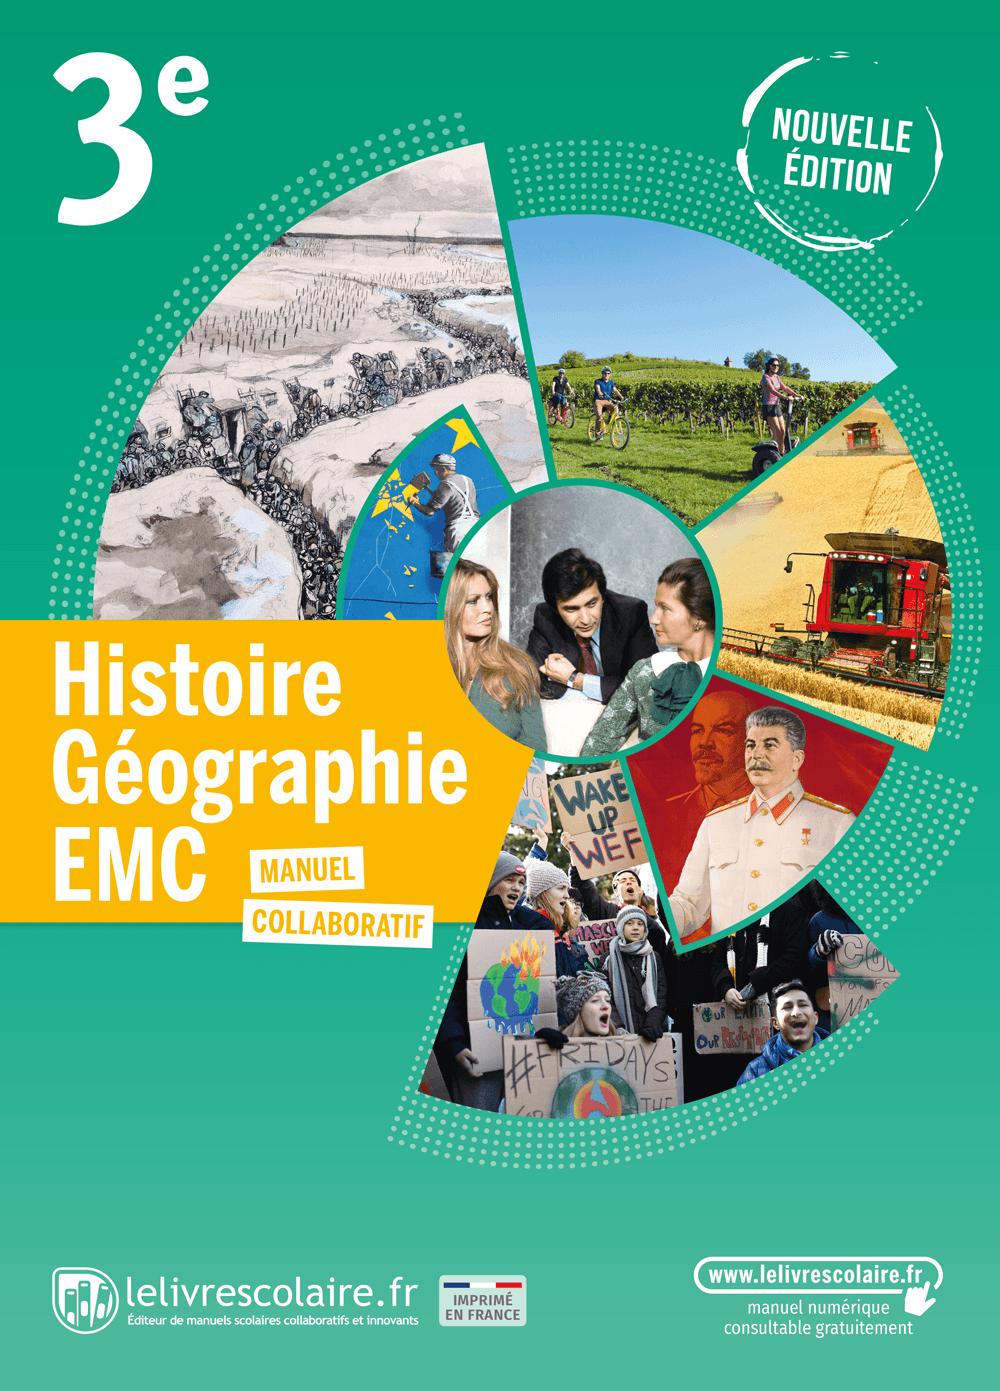 Couverture du manuel scolaire : Histoire-Géographie-EMC 3e